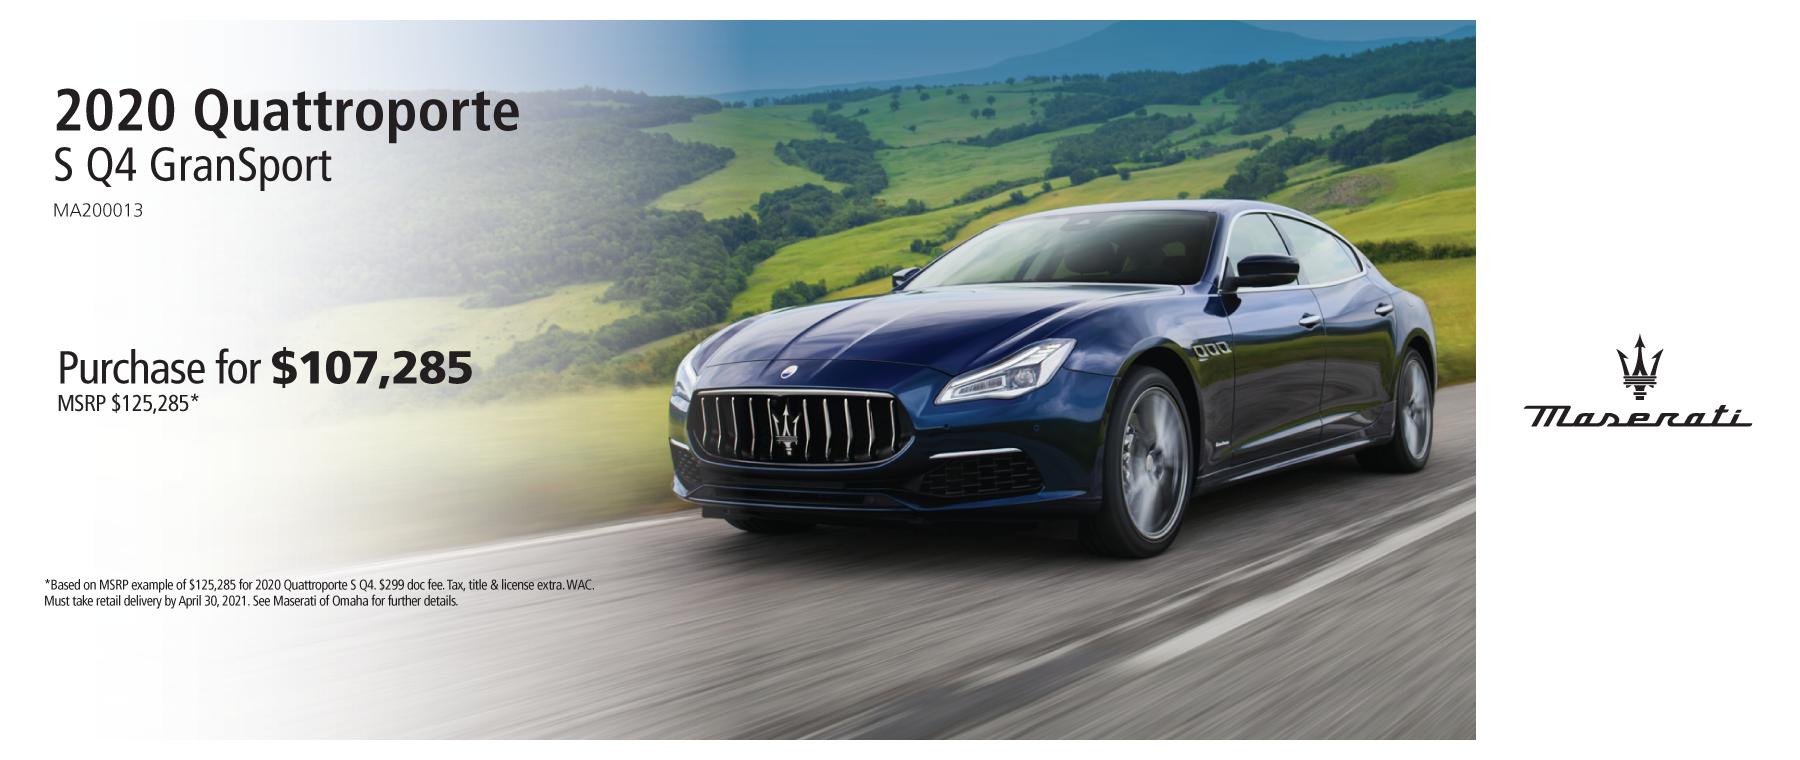 0421-Maserati-QUATTRO-DESKTOP